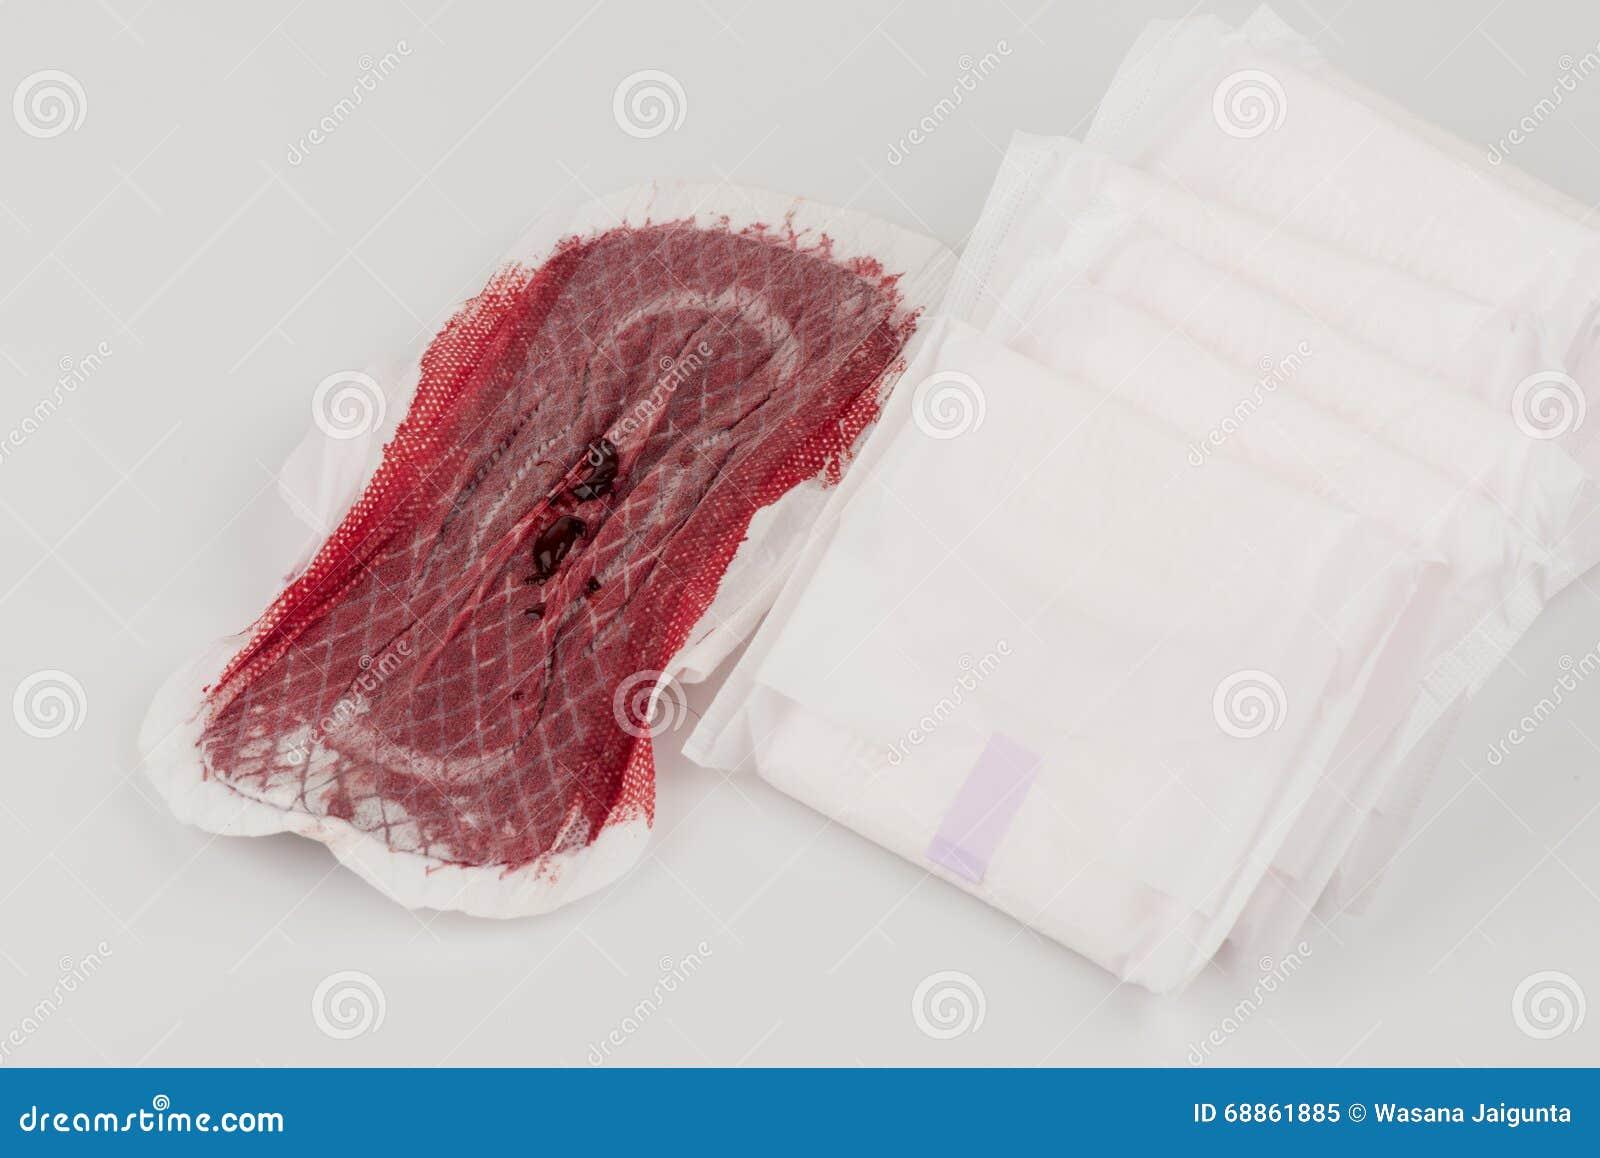 В основном кровь в видениях не предупреждает о плохих событиях.